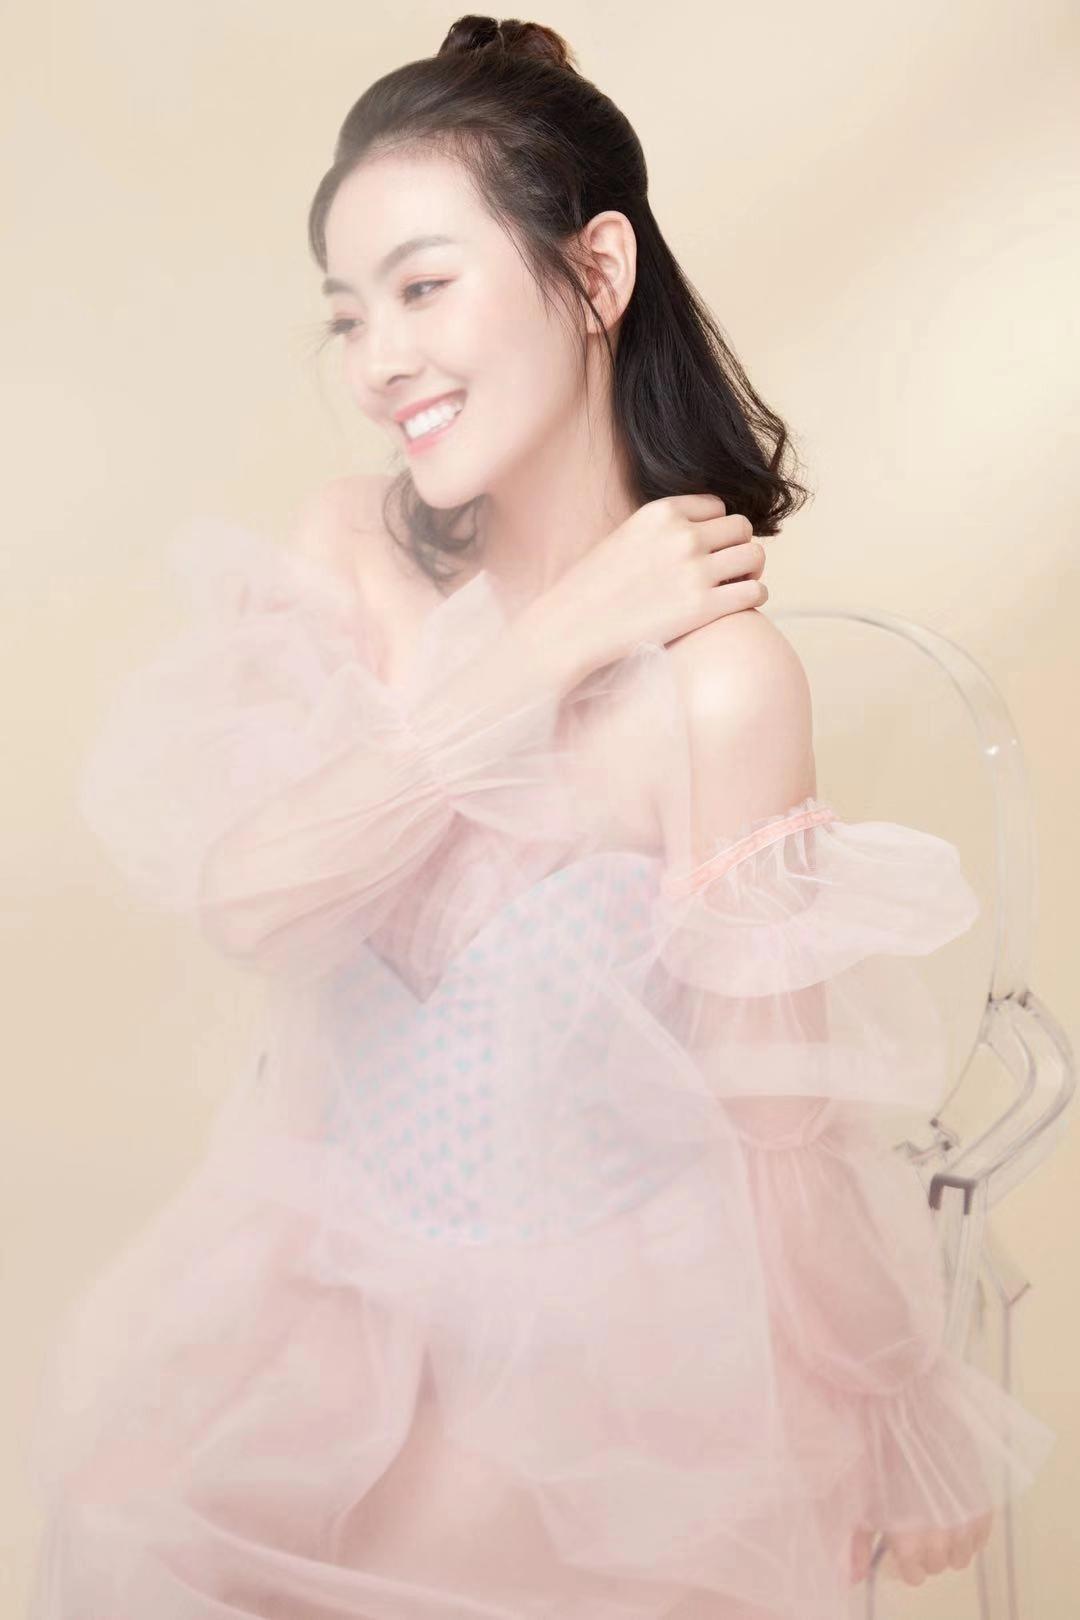 【校花日志】2019狐友校花王钰鑫热爱表演  明亮温柔与光同在